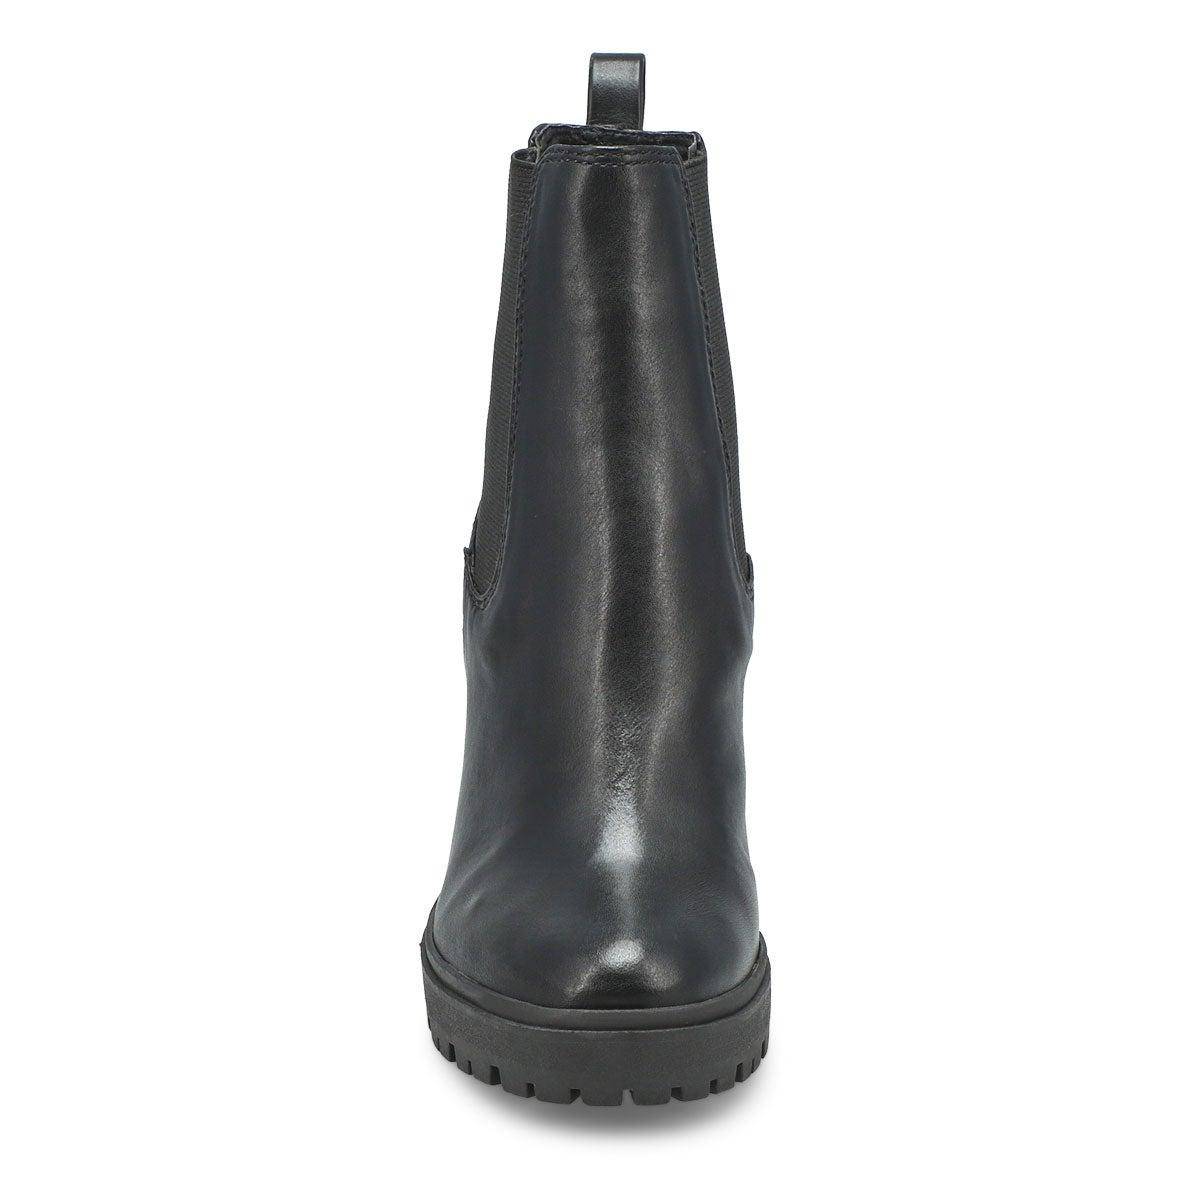 Steve-Madden-Women-039-s-Loopy-Slip-On-chelsea-Boot miniature 6